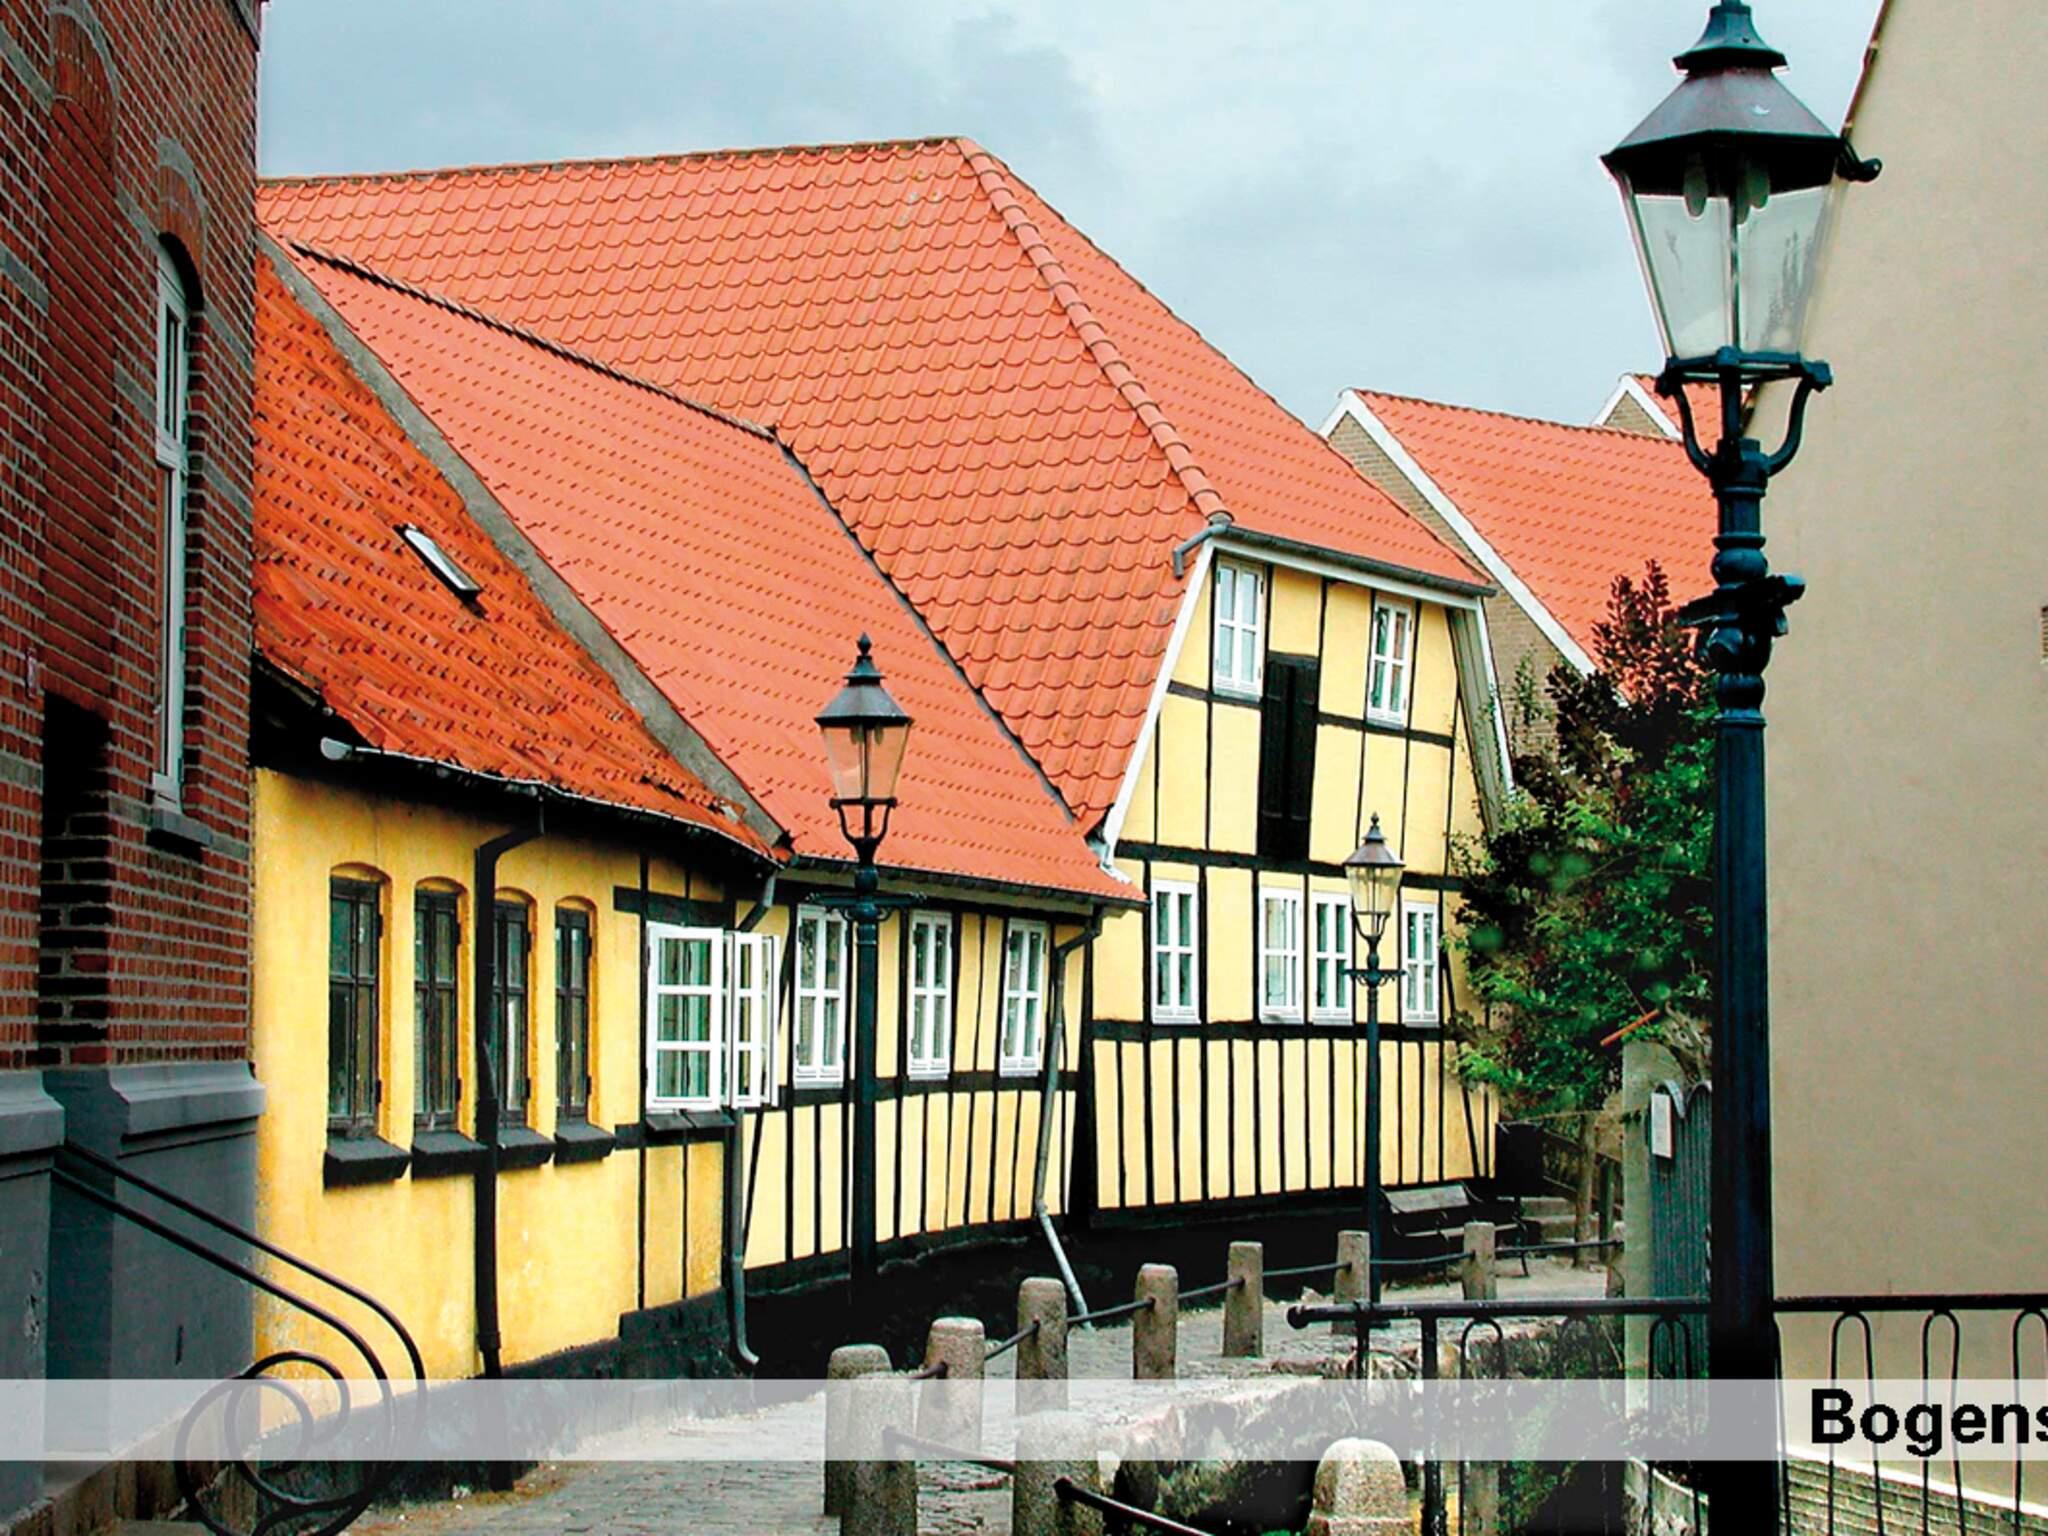 Appartement de vacances Bogense - Typ 4 - 3 Zimmer,Erdgeschoss (1087170), Bogense, , Fionie, Danemark, image 11